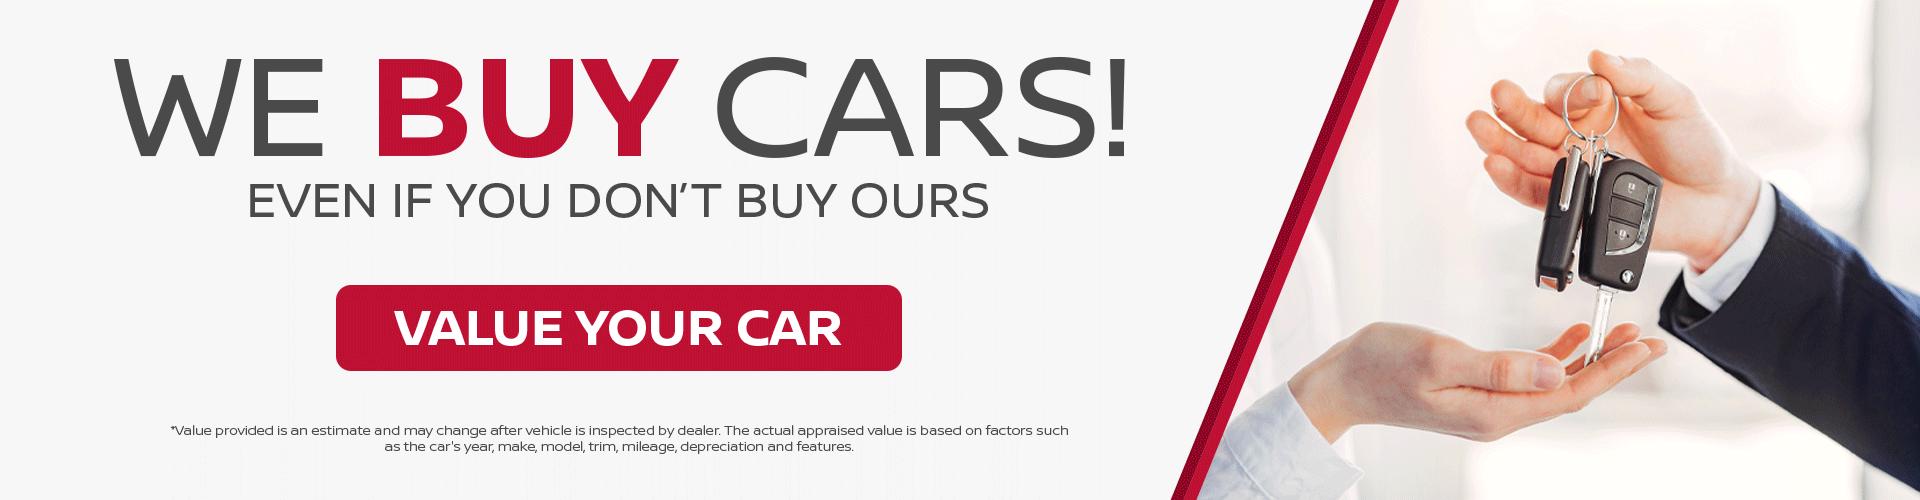 We-Buy-Cars-2